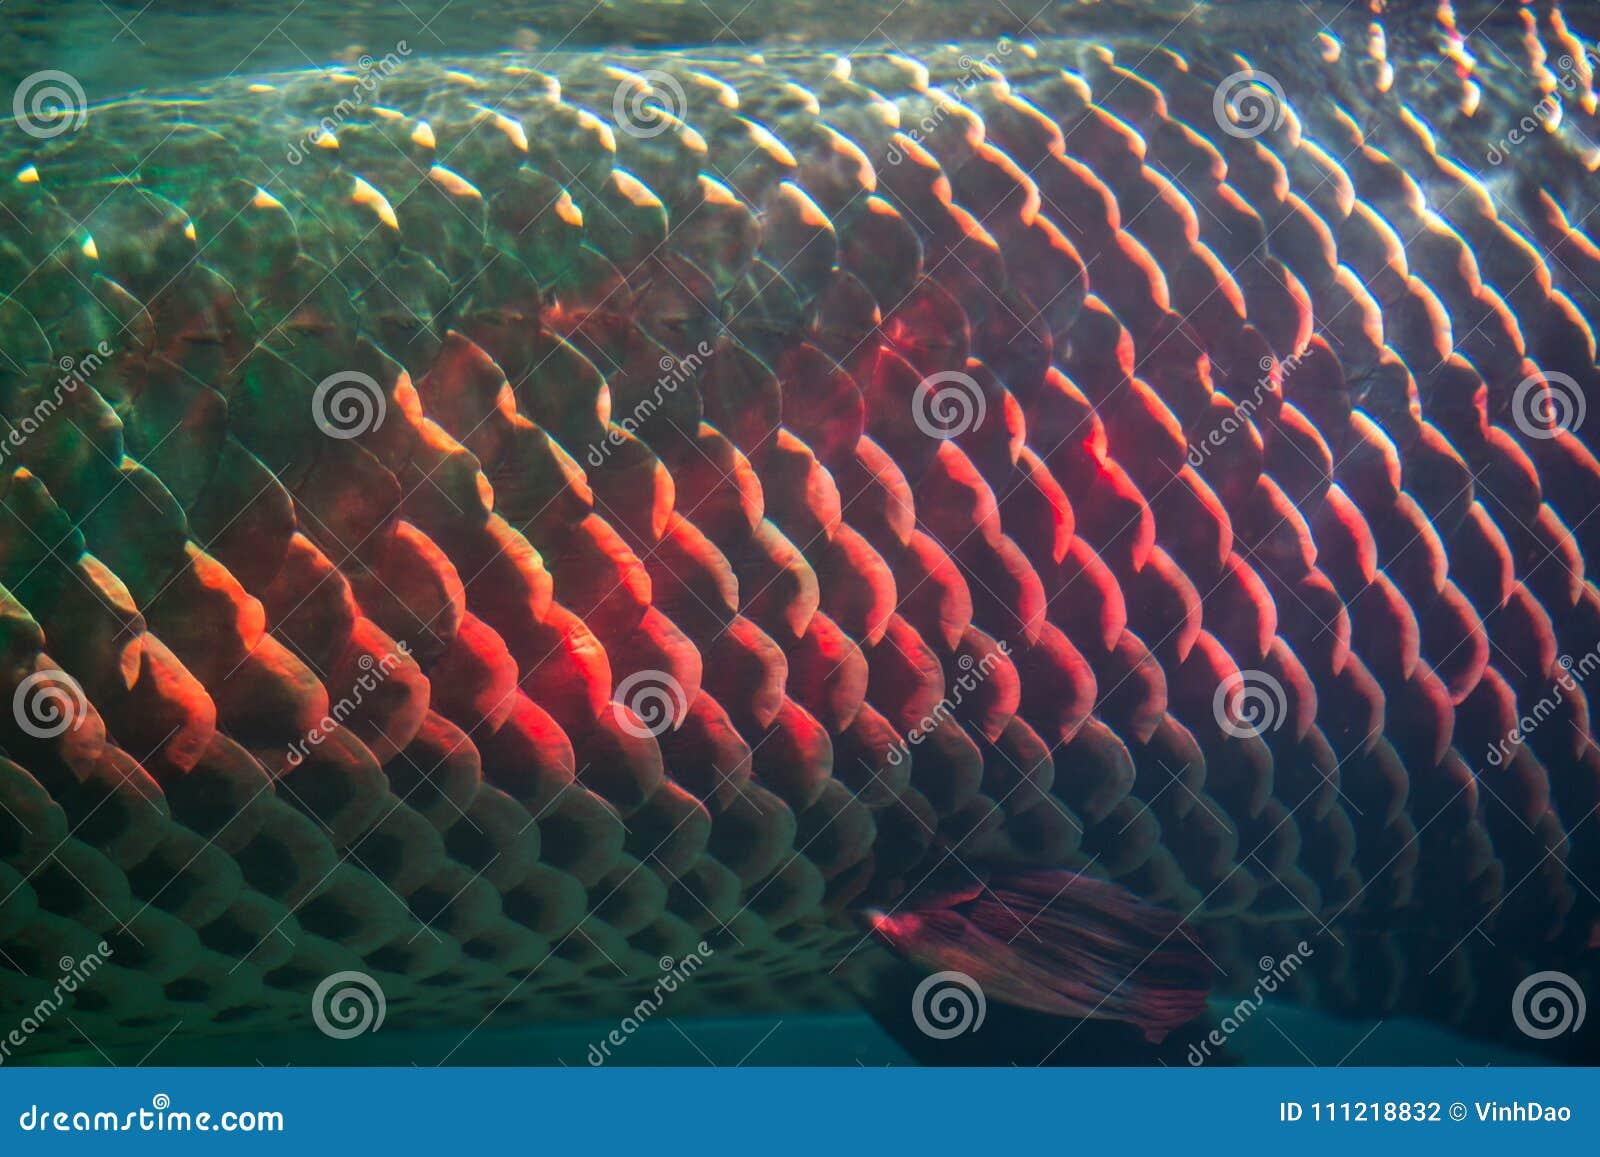 609fec4e9d9 Close Up Of Arapaima Fish Skin Or Arapaima Gigas Stock Photo - Image ...